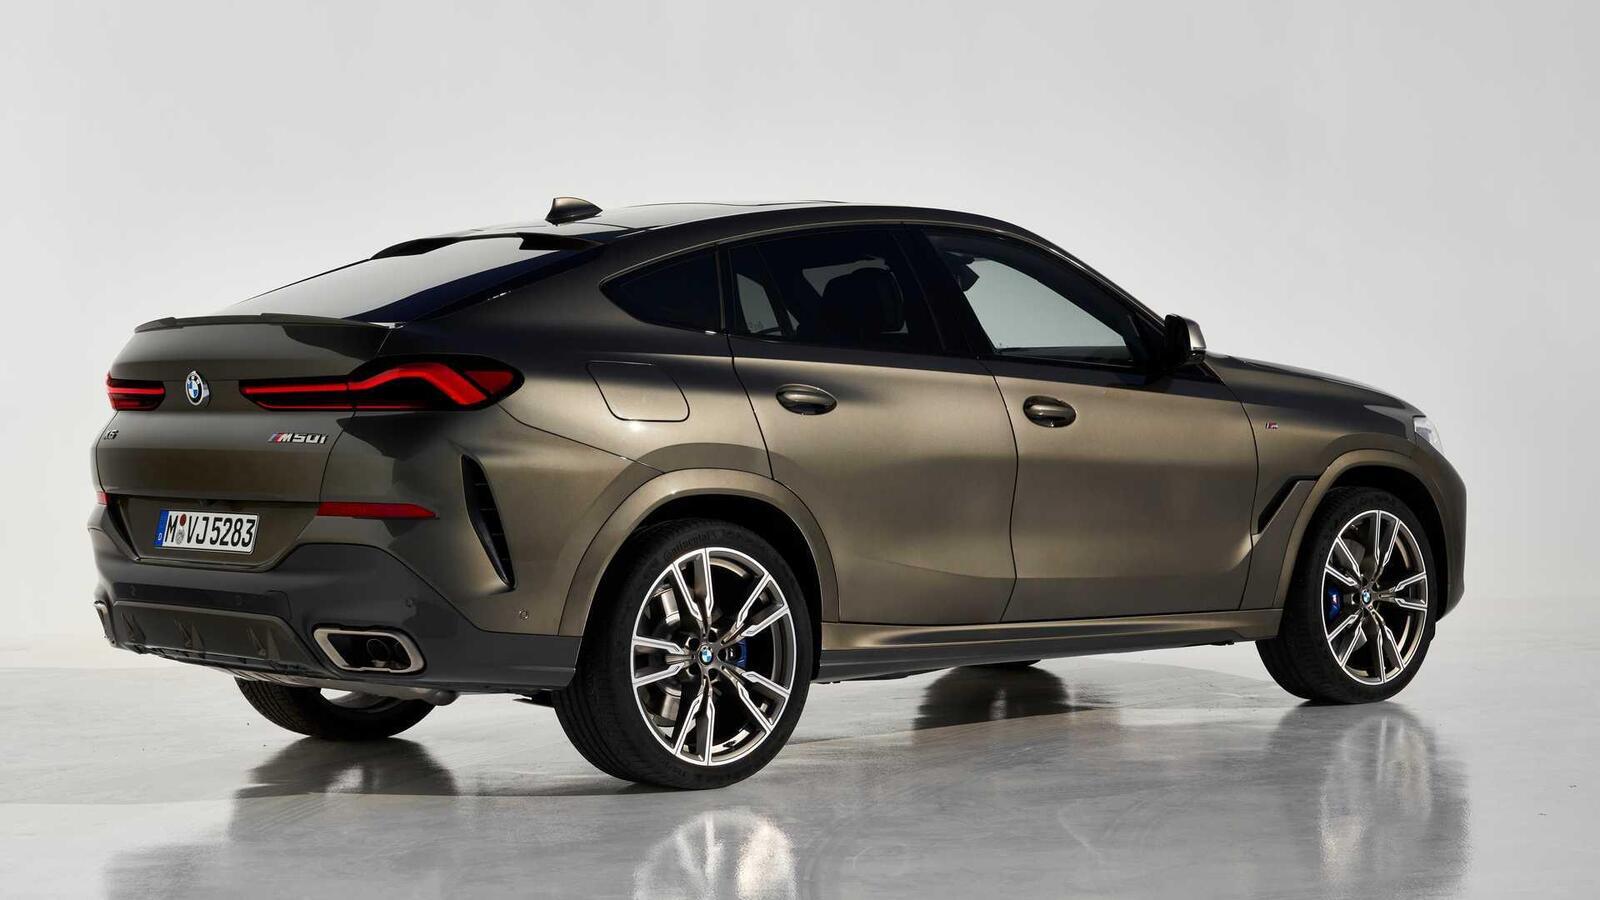 Thế hệ mới BMW X6 2020 chính thức ra mắt - Hình 9